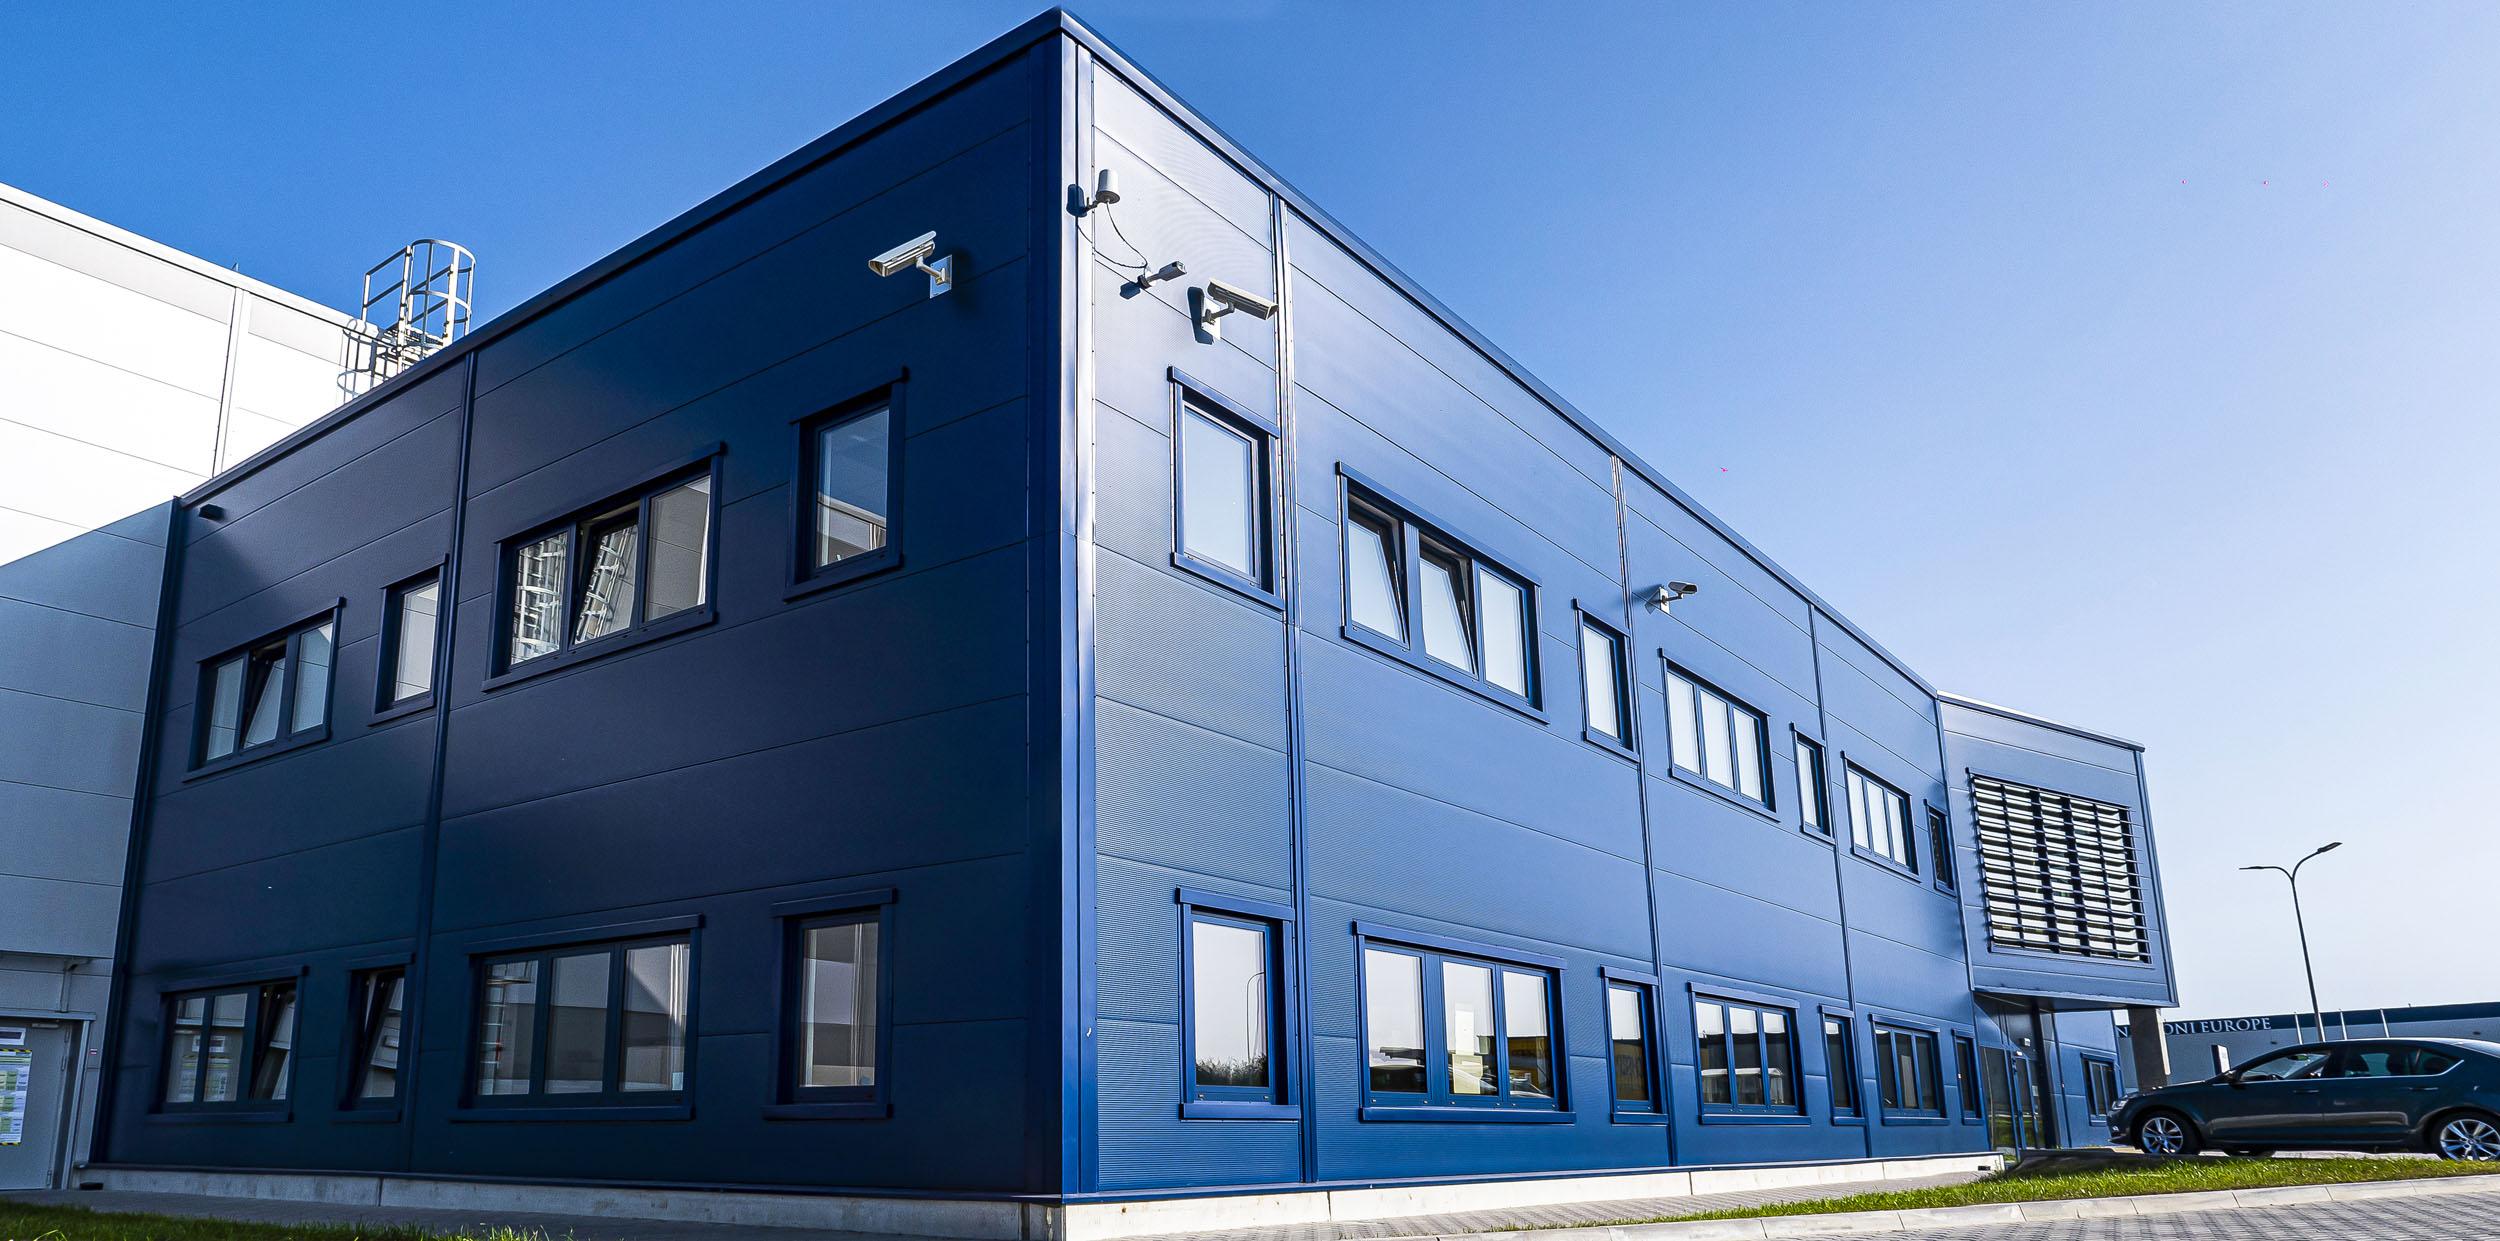 Grupa BIK utrzymuje pełną komercjalizację obiektów